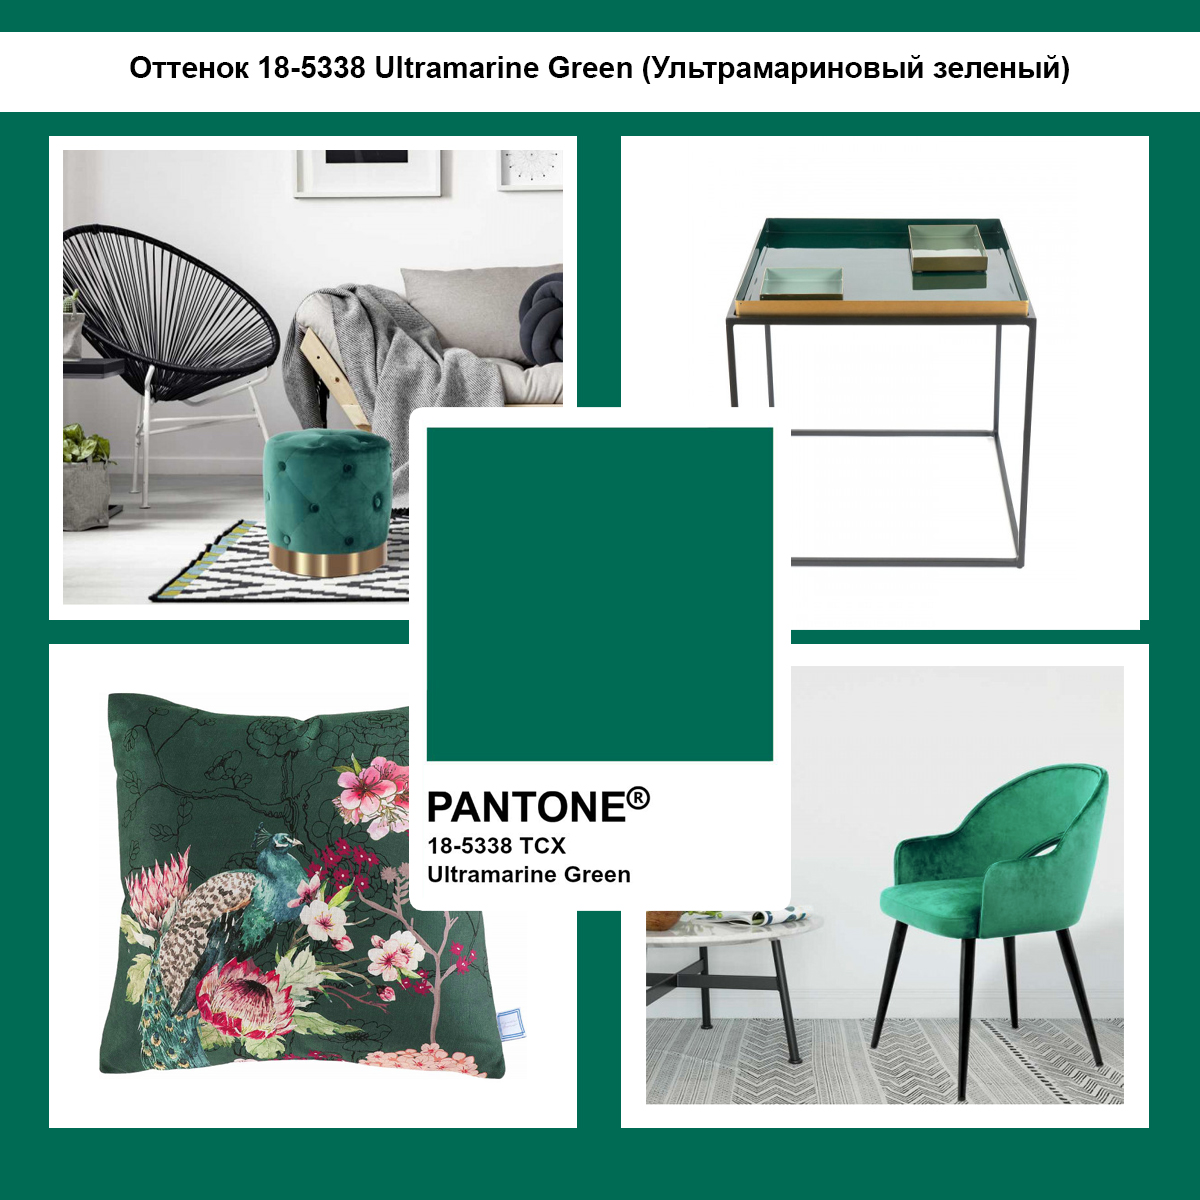 18-5338 Ultramarine Green